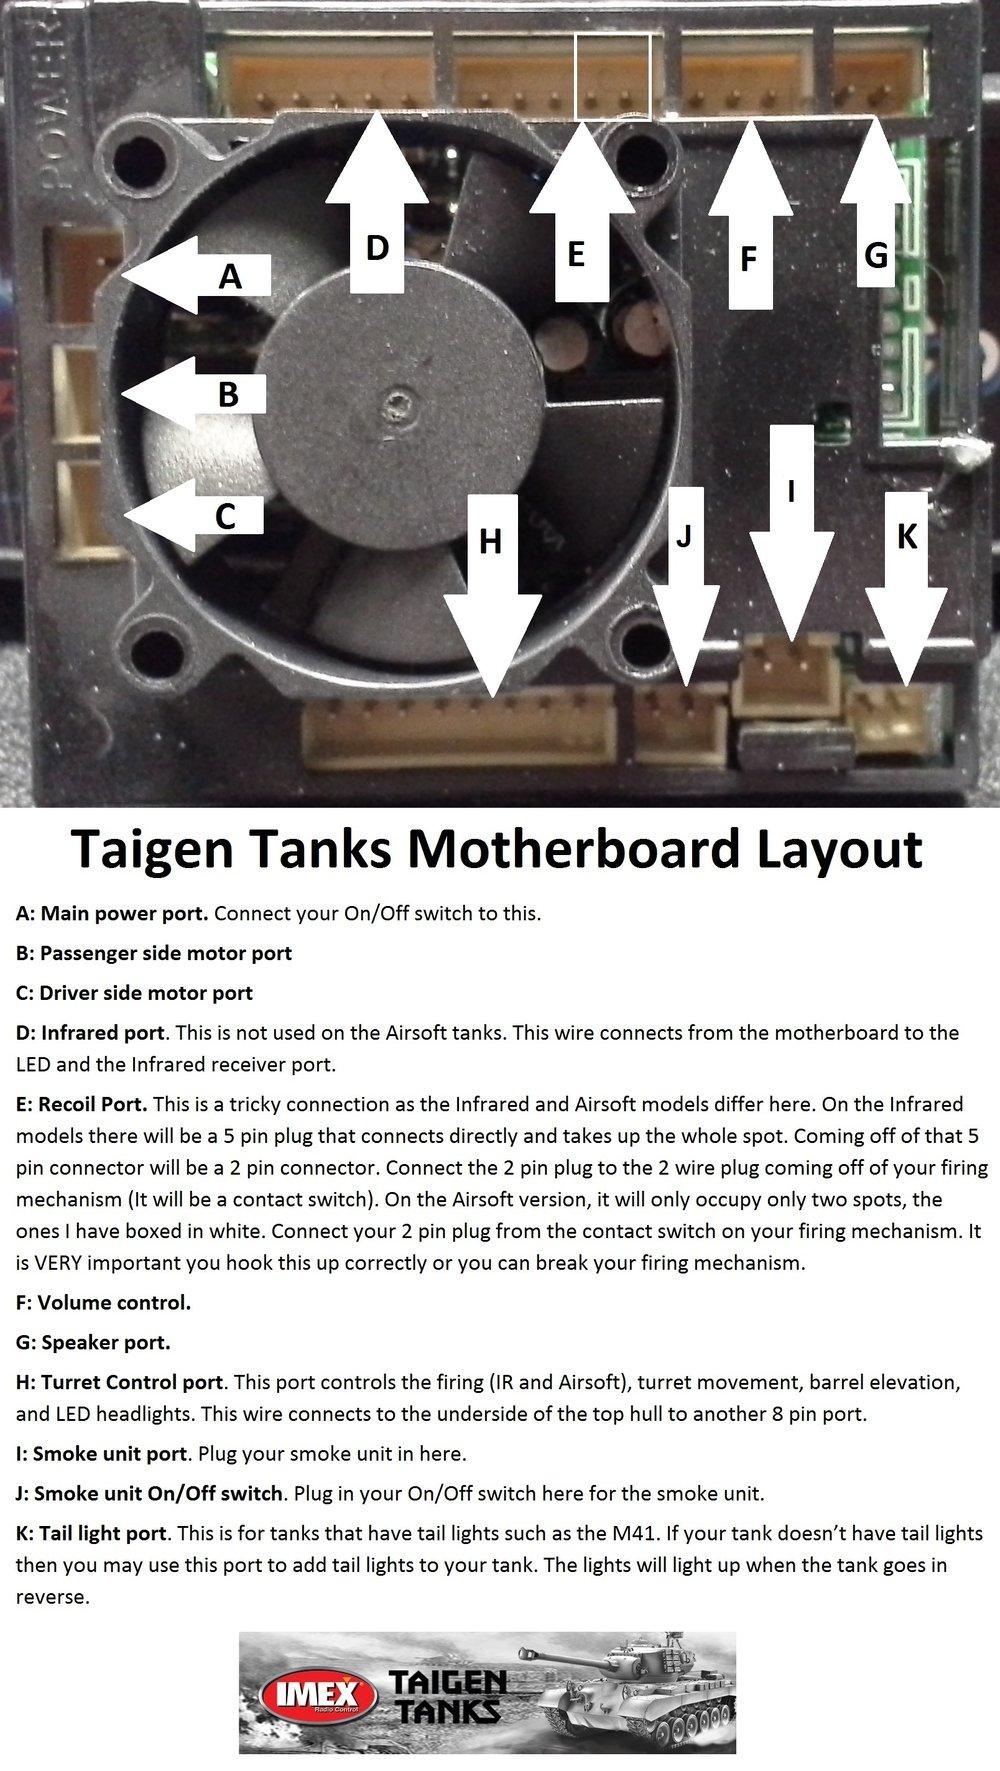 Tank motherboard layout.jpg